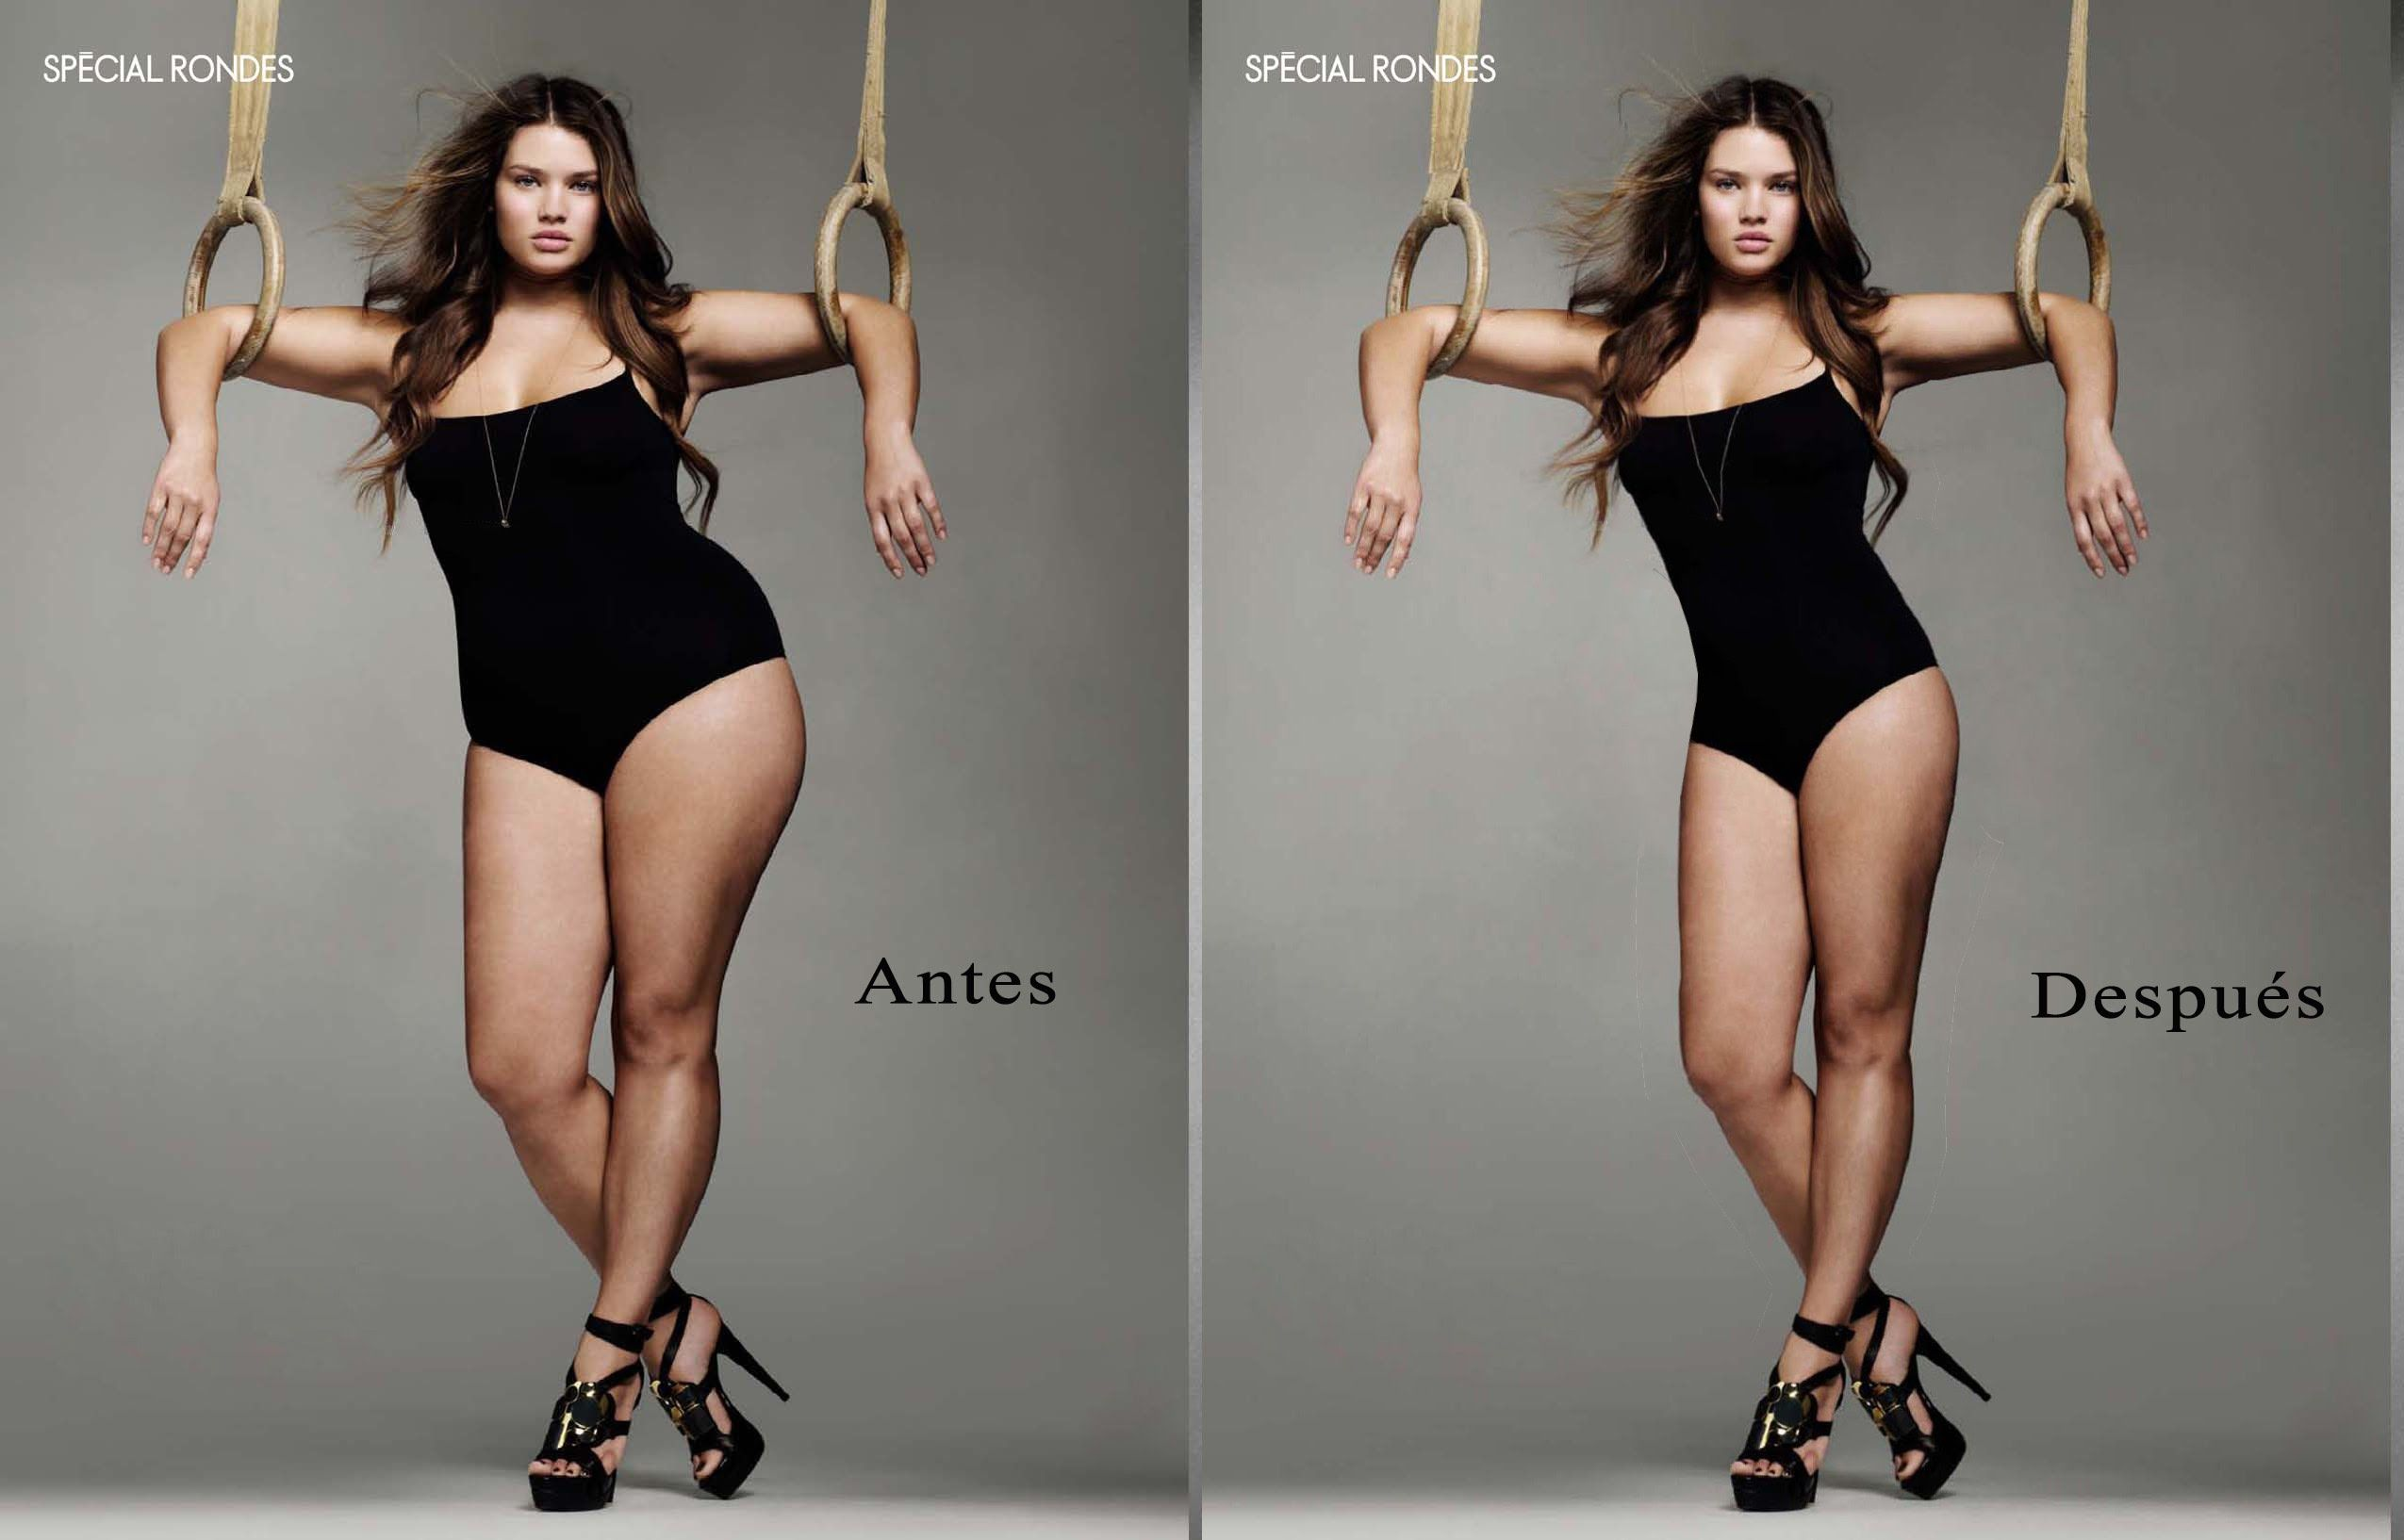 Как в фотошопе сделать ногу худее